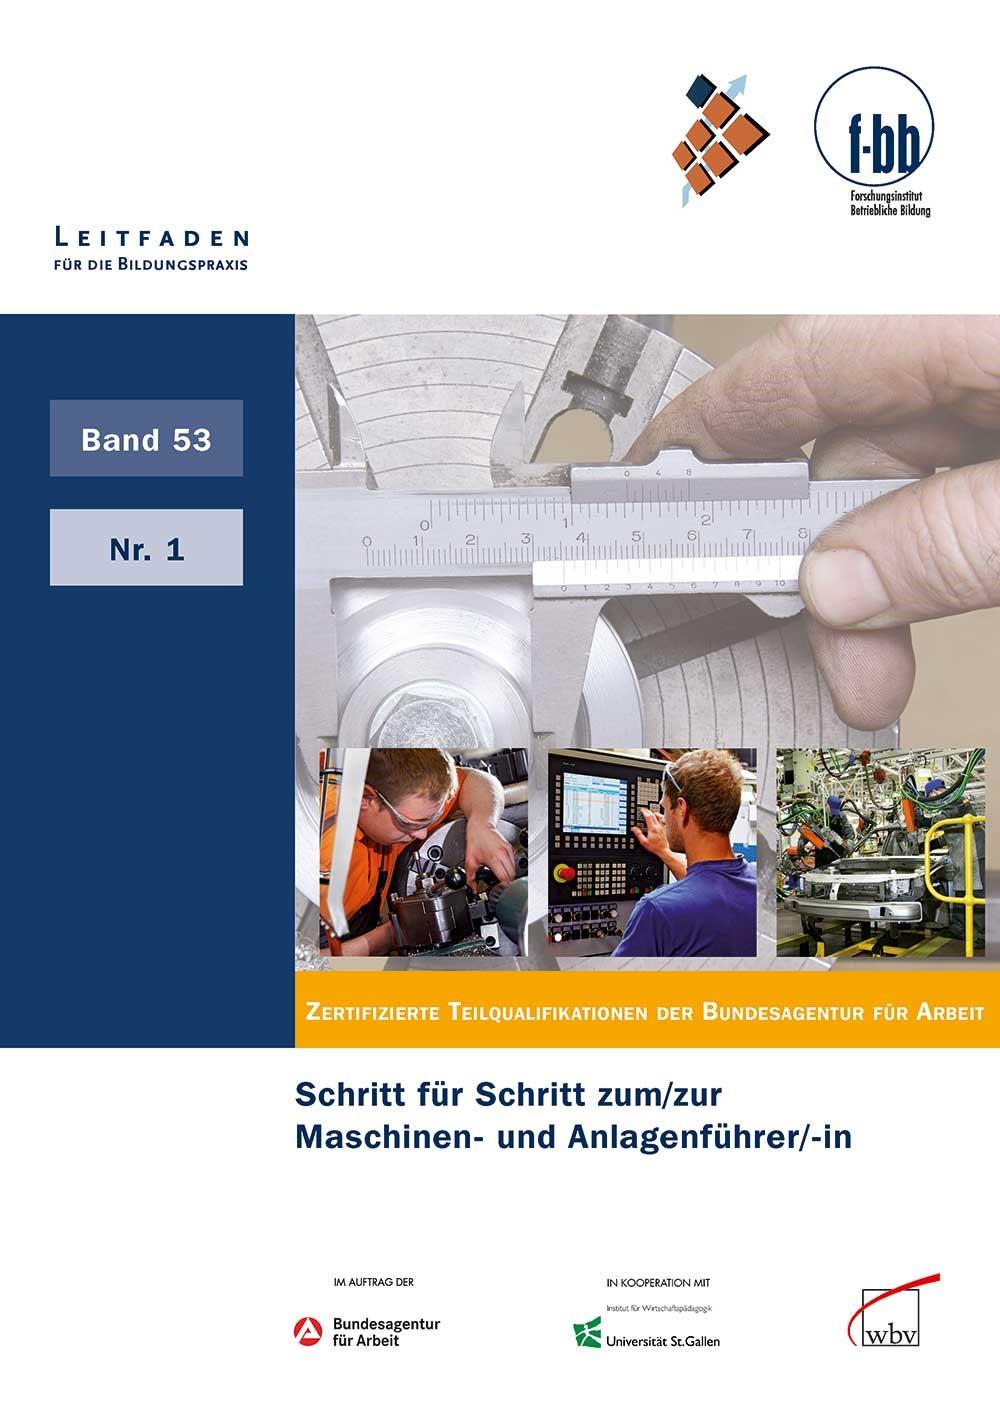 Schritt für Schritt zum/zur Maschinen- und Anlagenführer/-in | Loebe / Severing, 2012 | Buch (Cover)